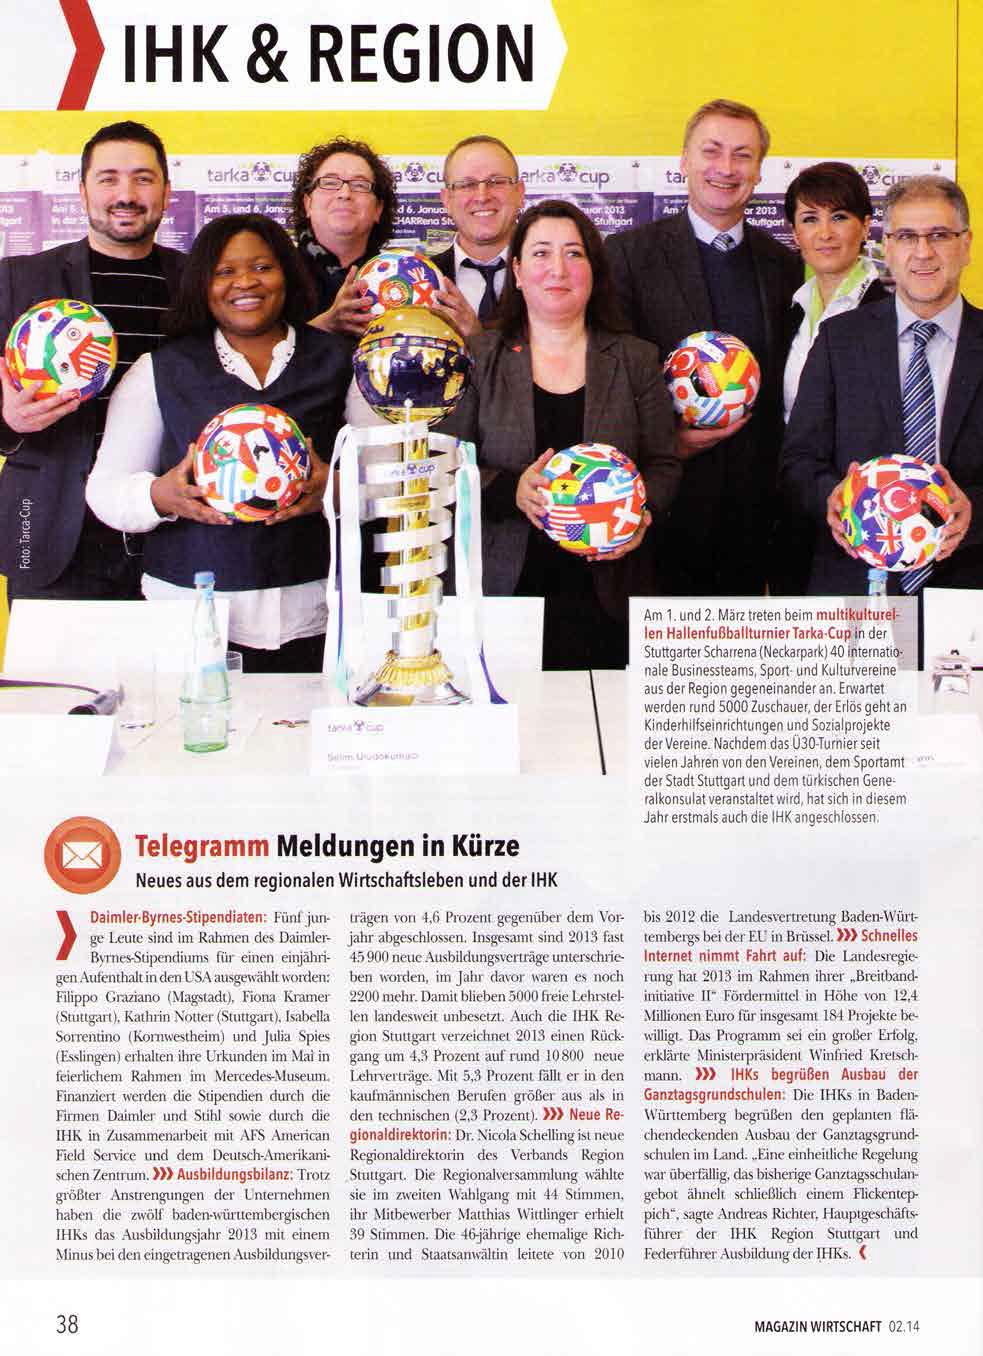 IHK Magazin Wirtschaft & Region